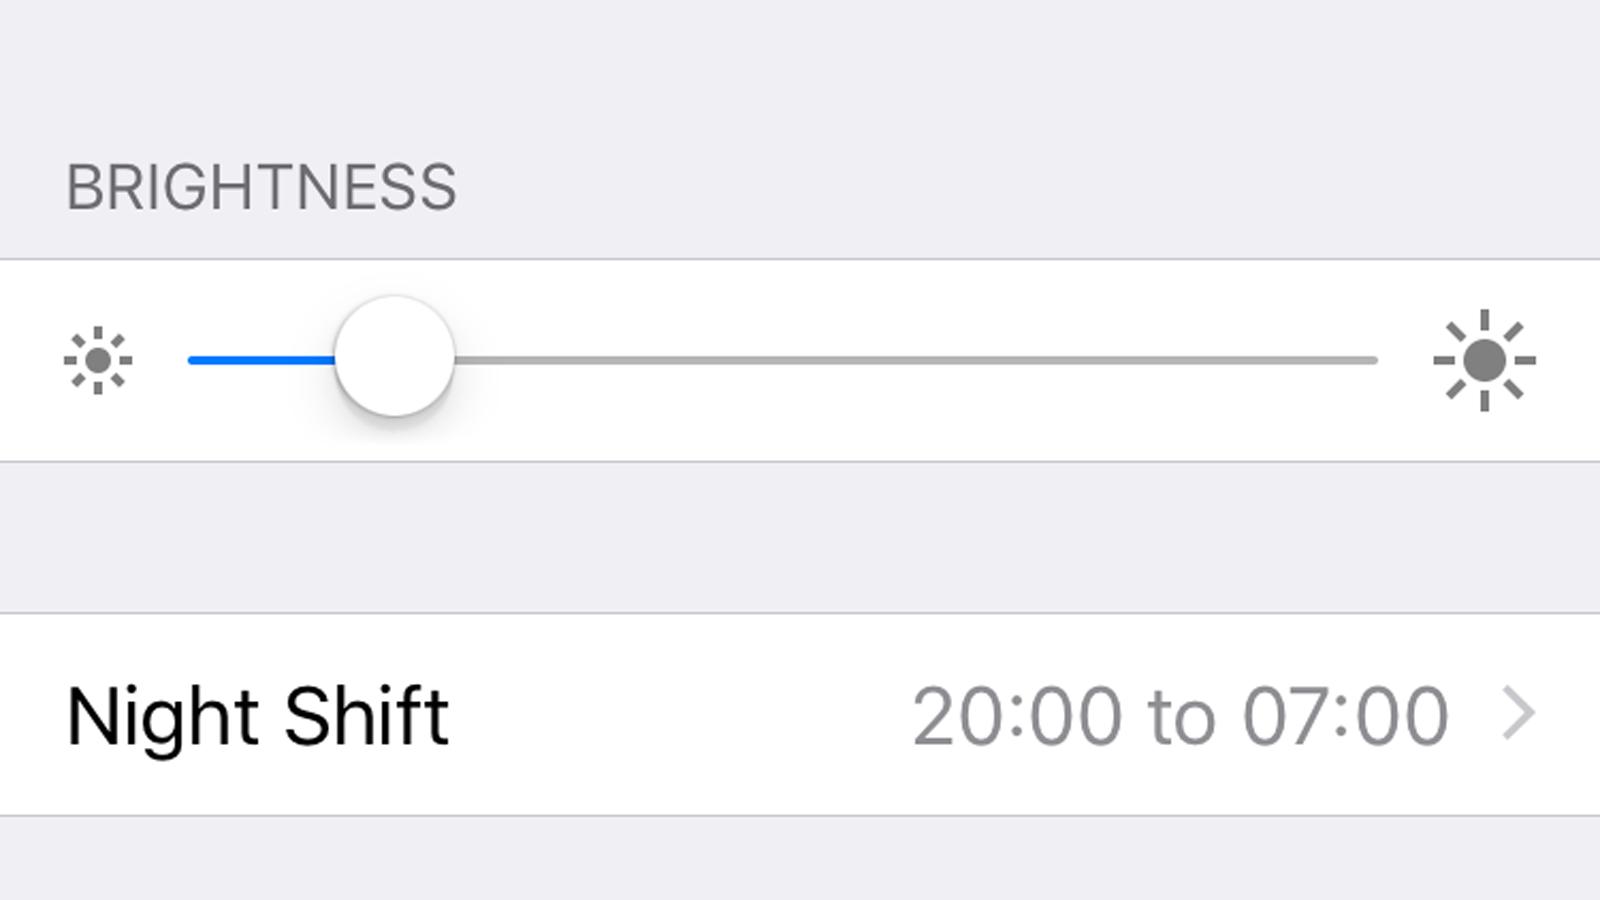 Cómo desactivar el brillo automático en el iPhone: configurar el brillo manualmente